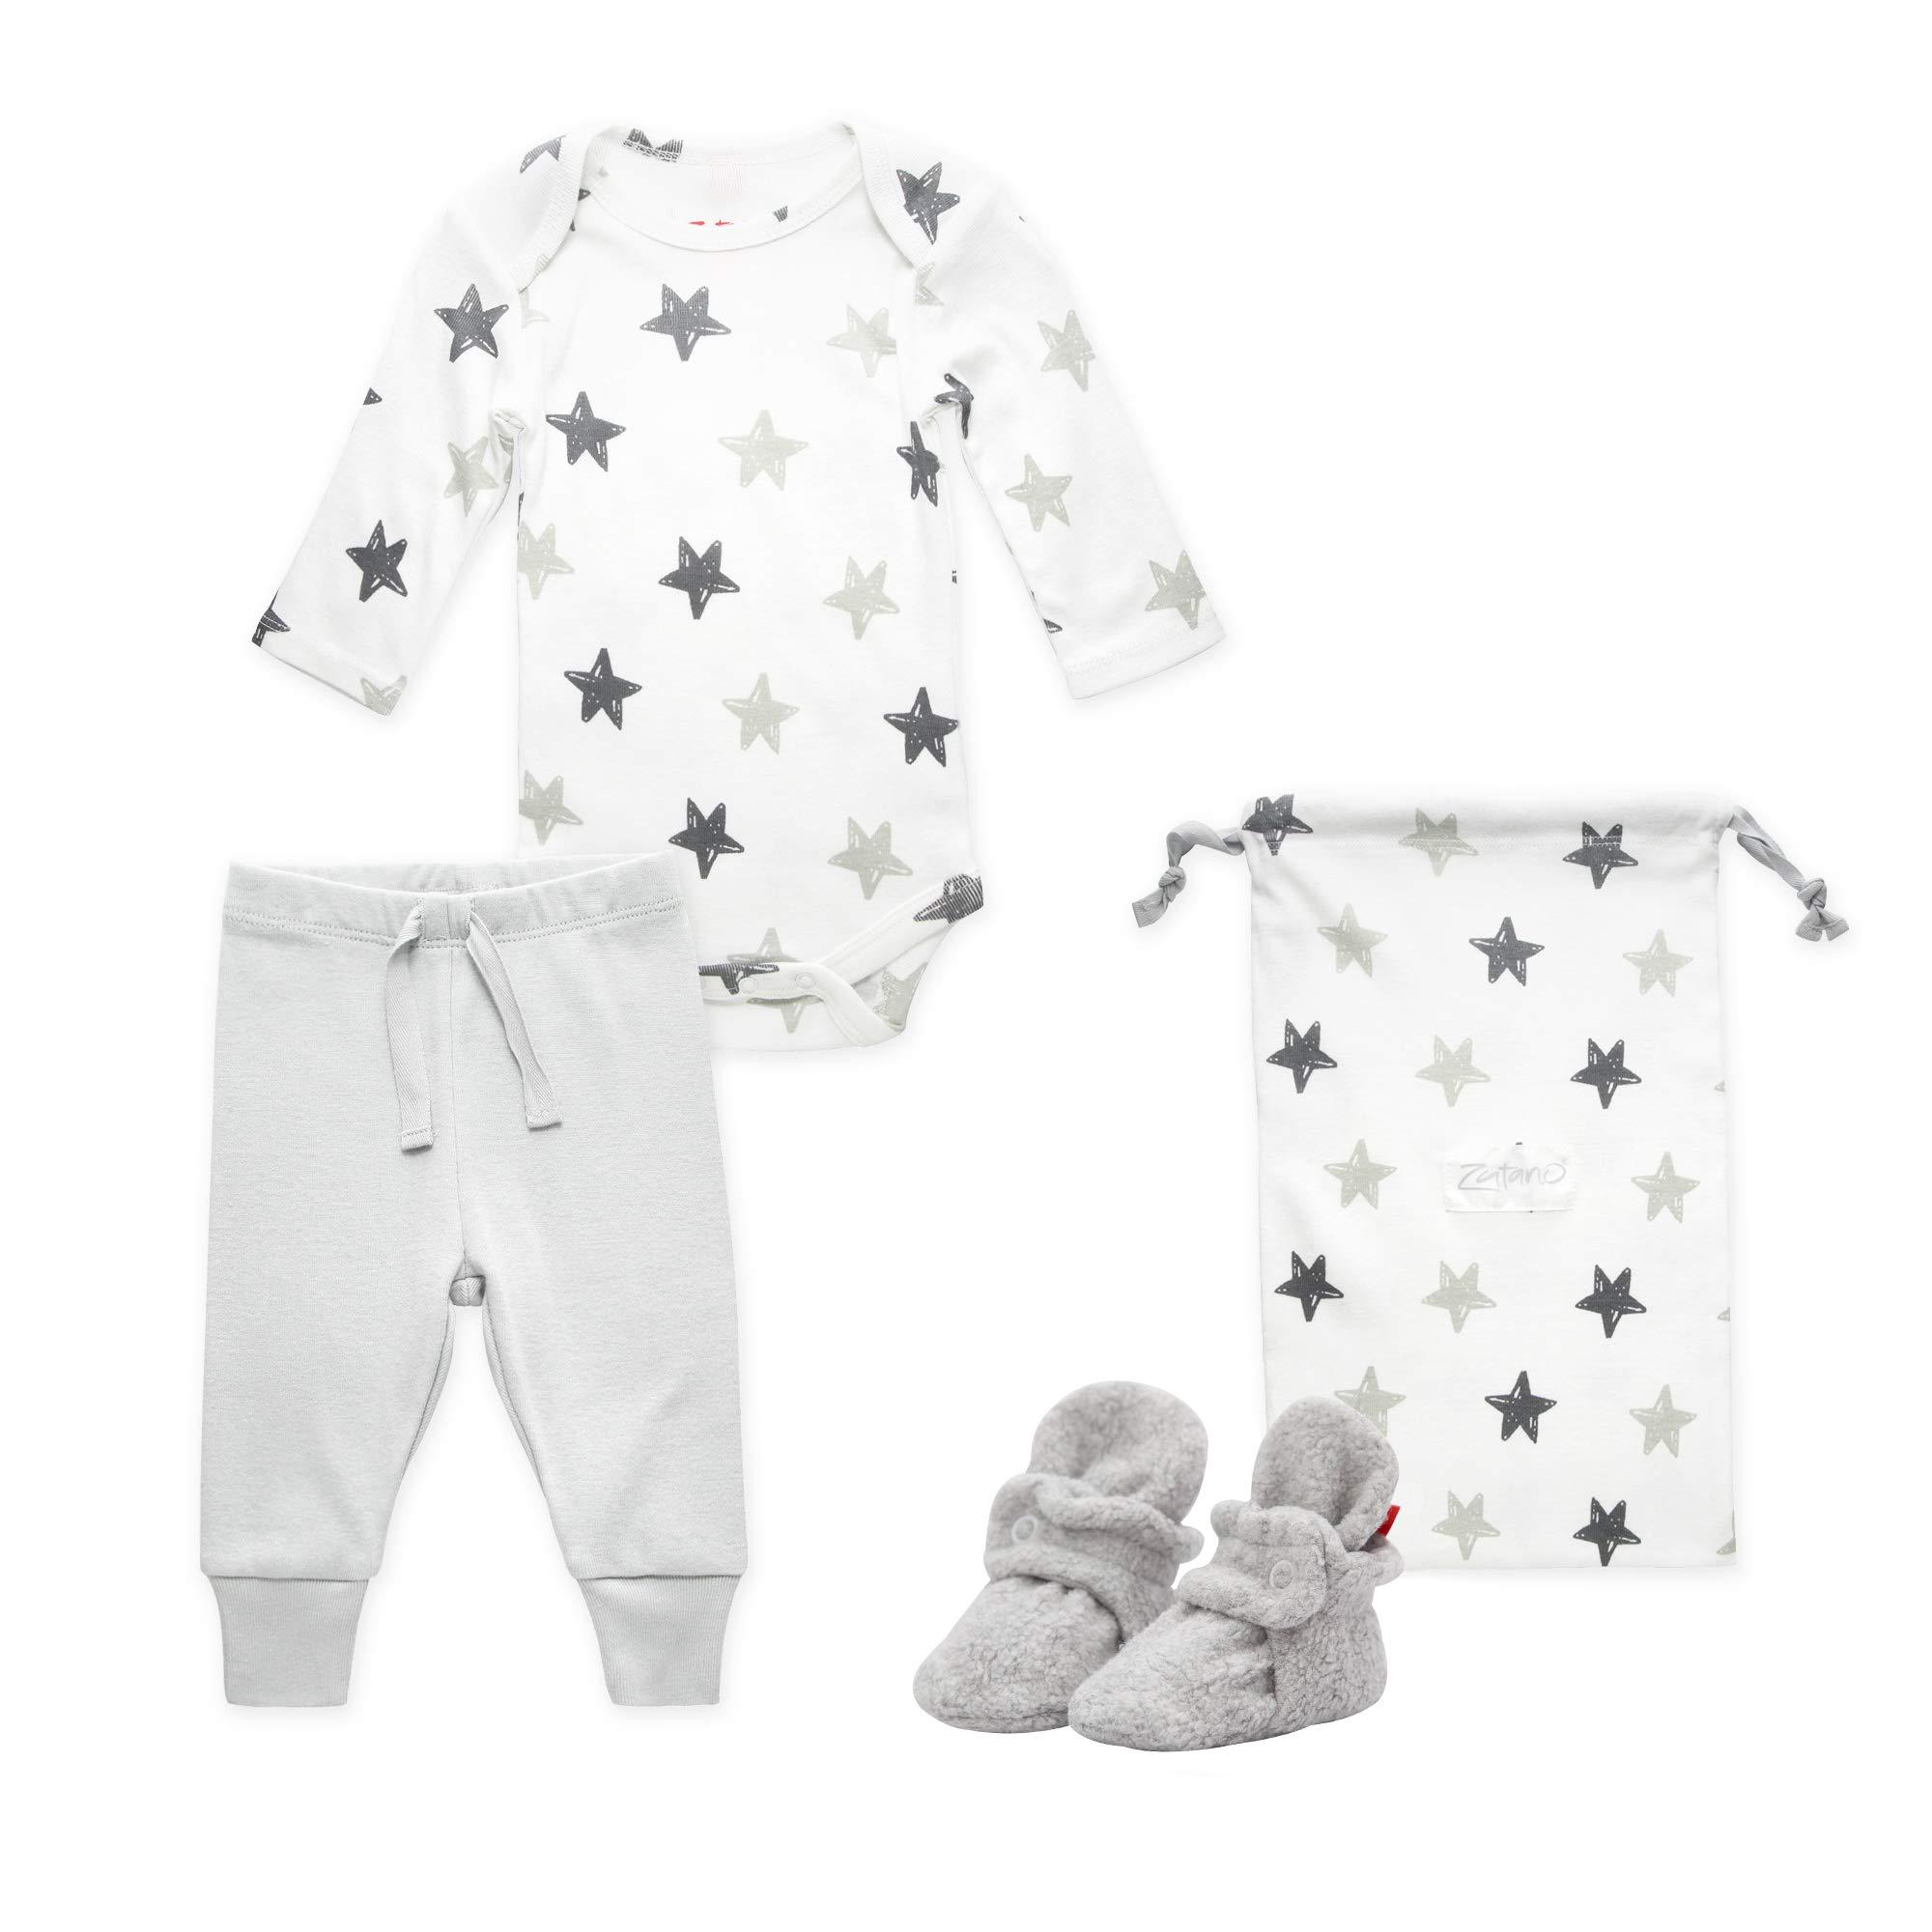 Zutano Baby Booties Gift Set, Stars 3pc, Gray, 3M by Zutano